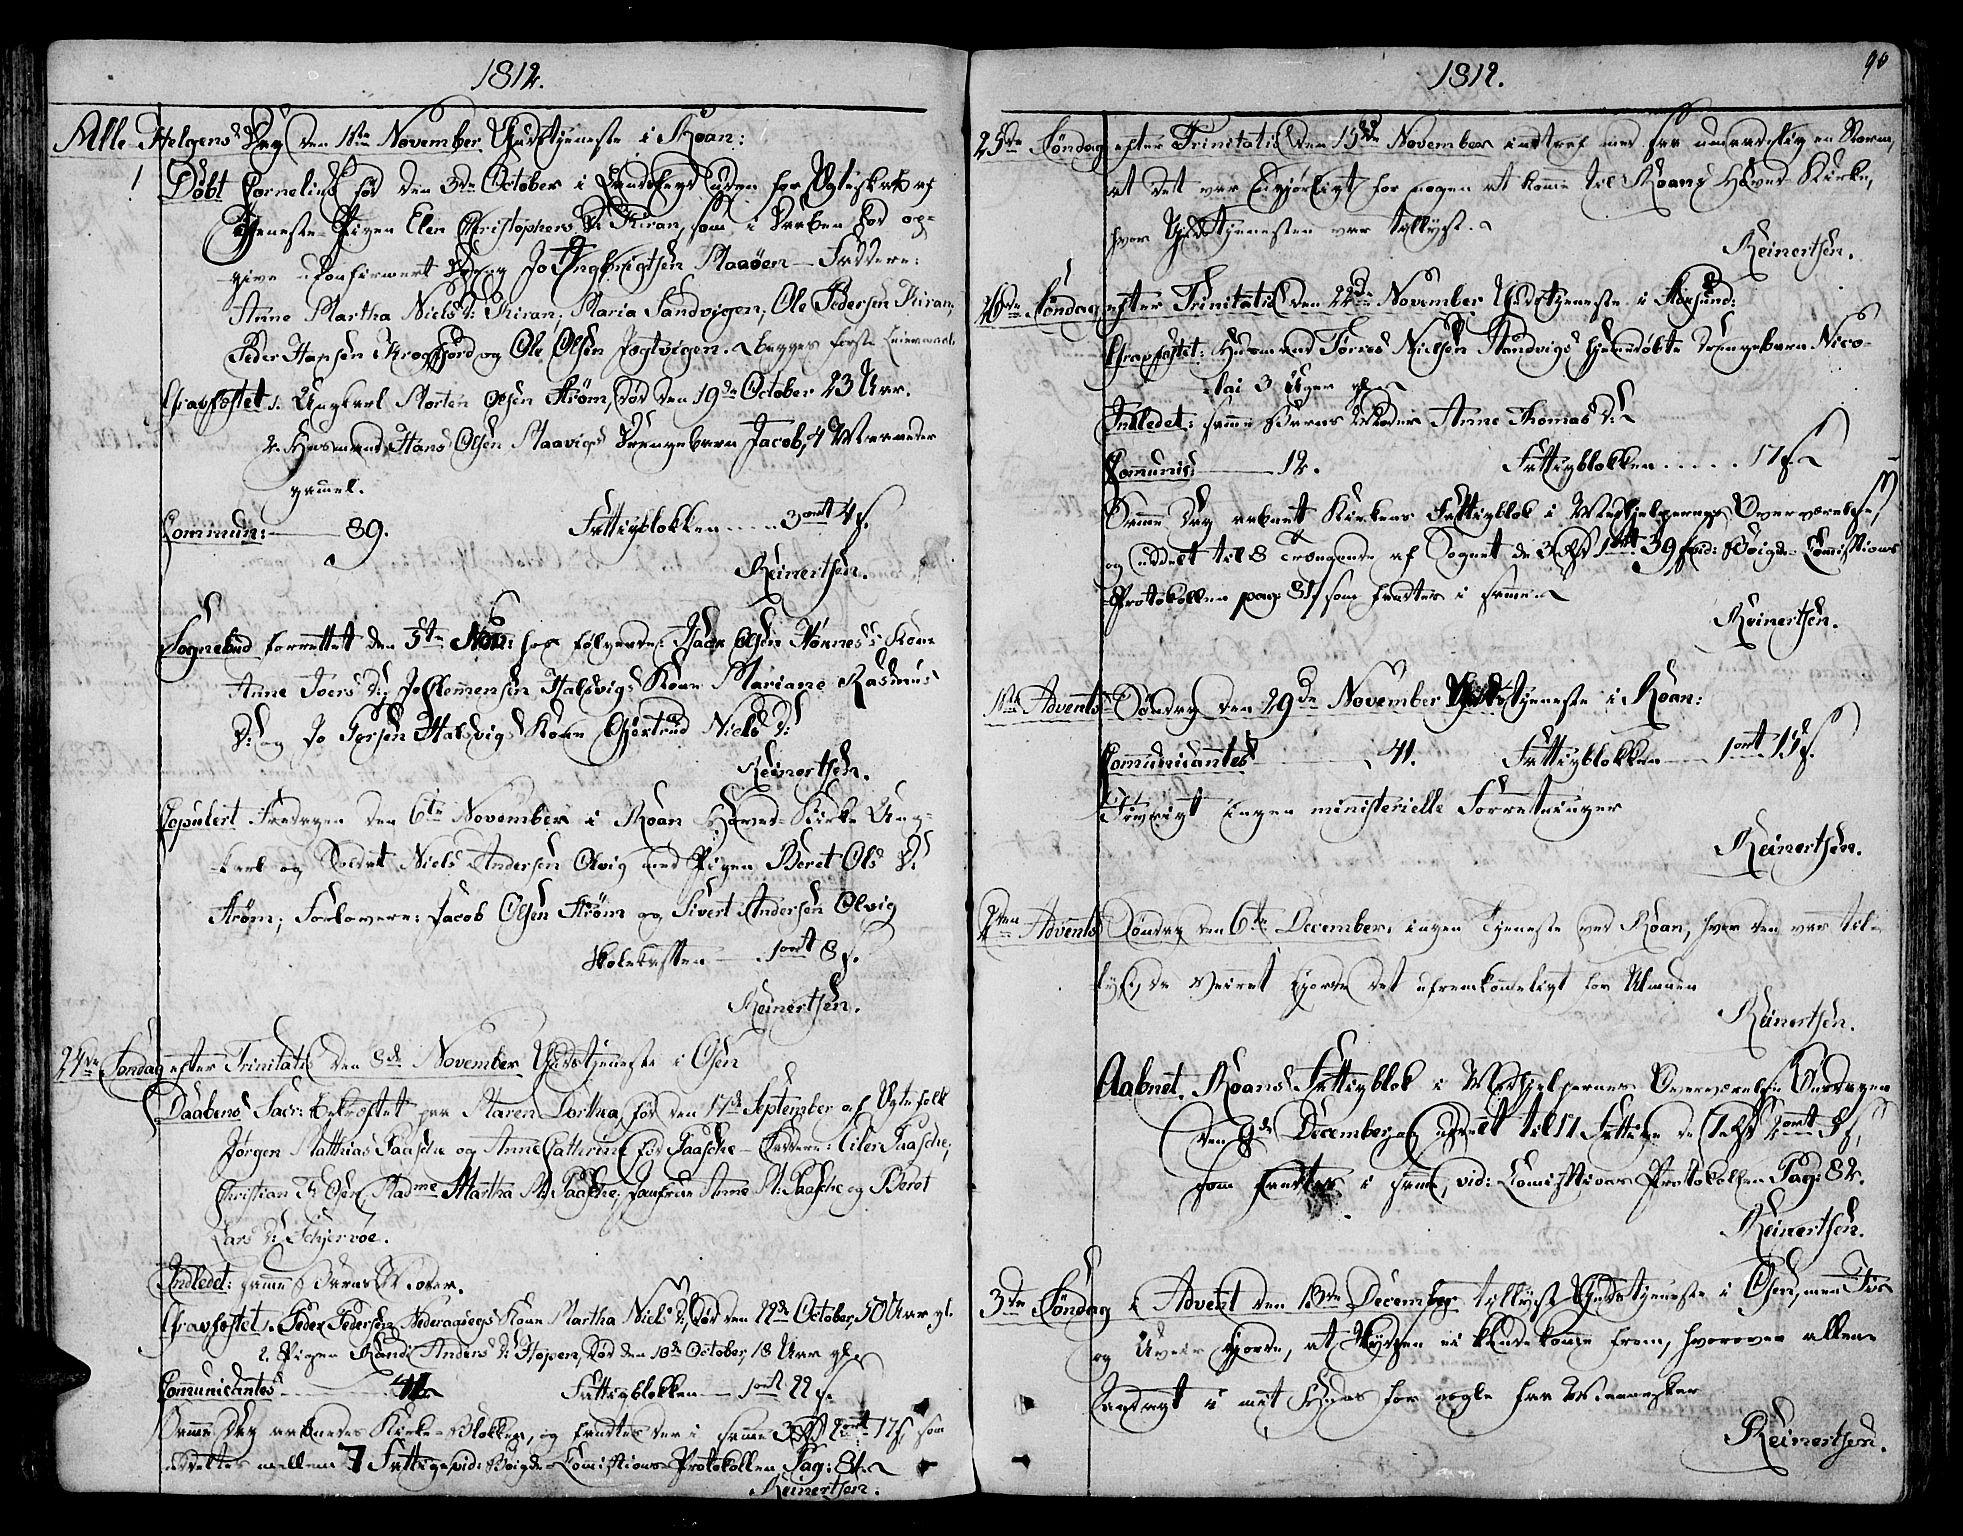 SAT, Ministerialprotokoller, klokkerbøker og fødselsregistre - Sør-Trøndelag, 657/L0701: Ministerialbok nr. 657A02, 1802-1831, s. 90